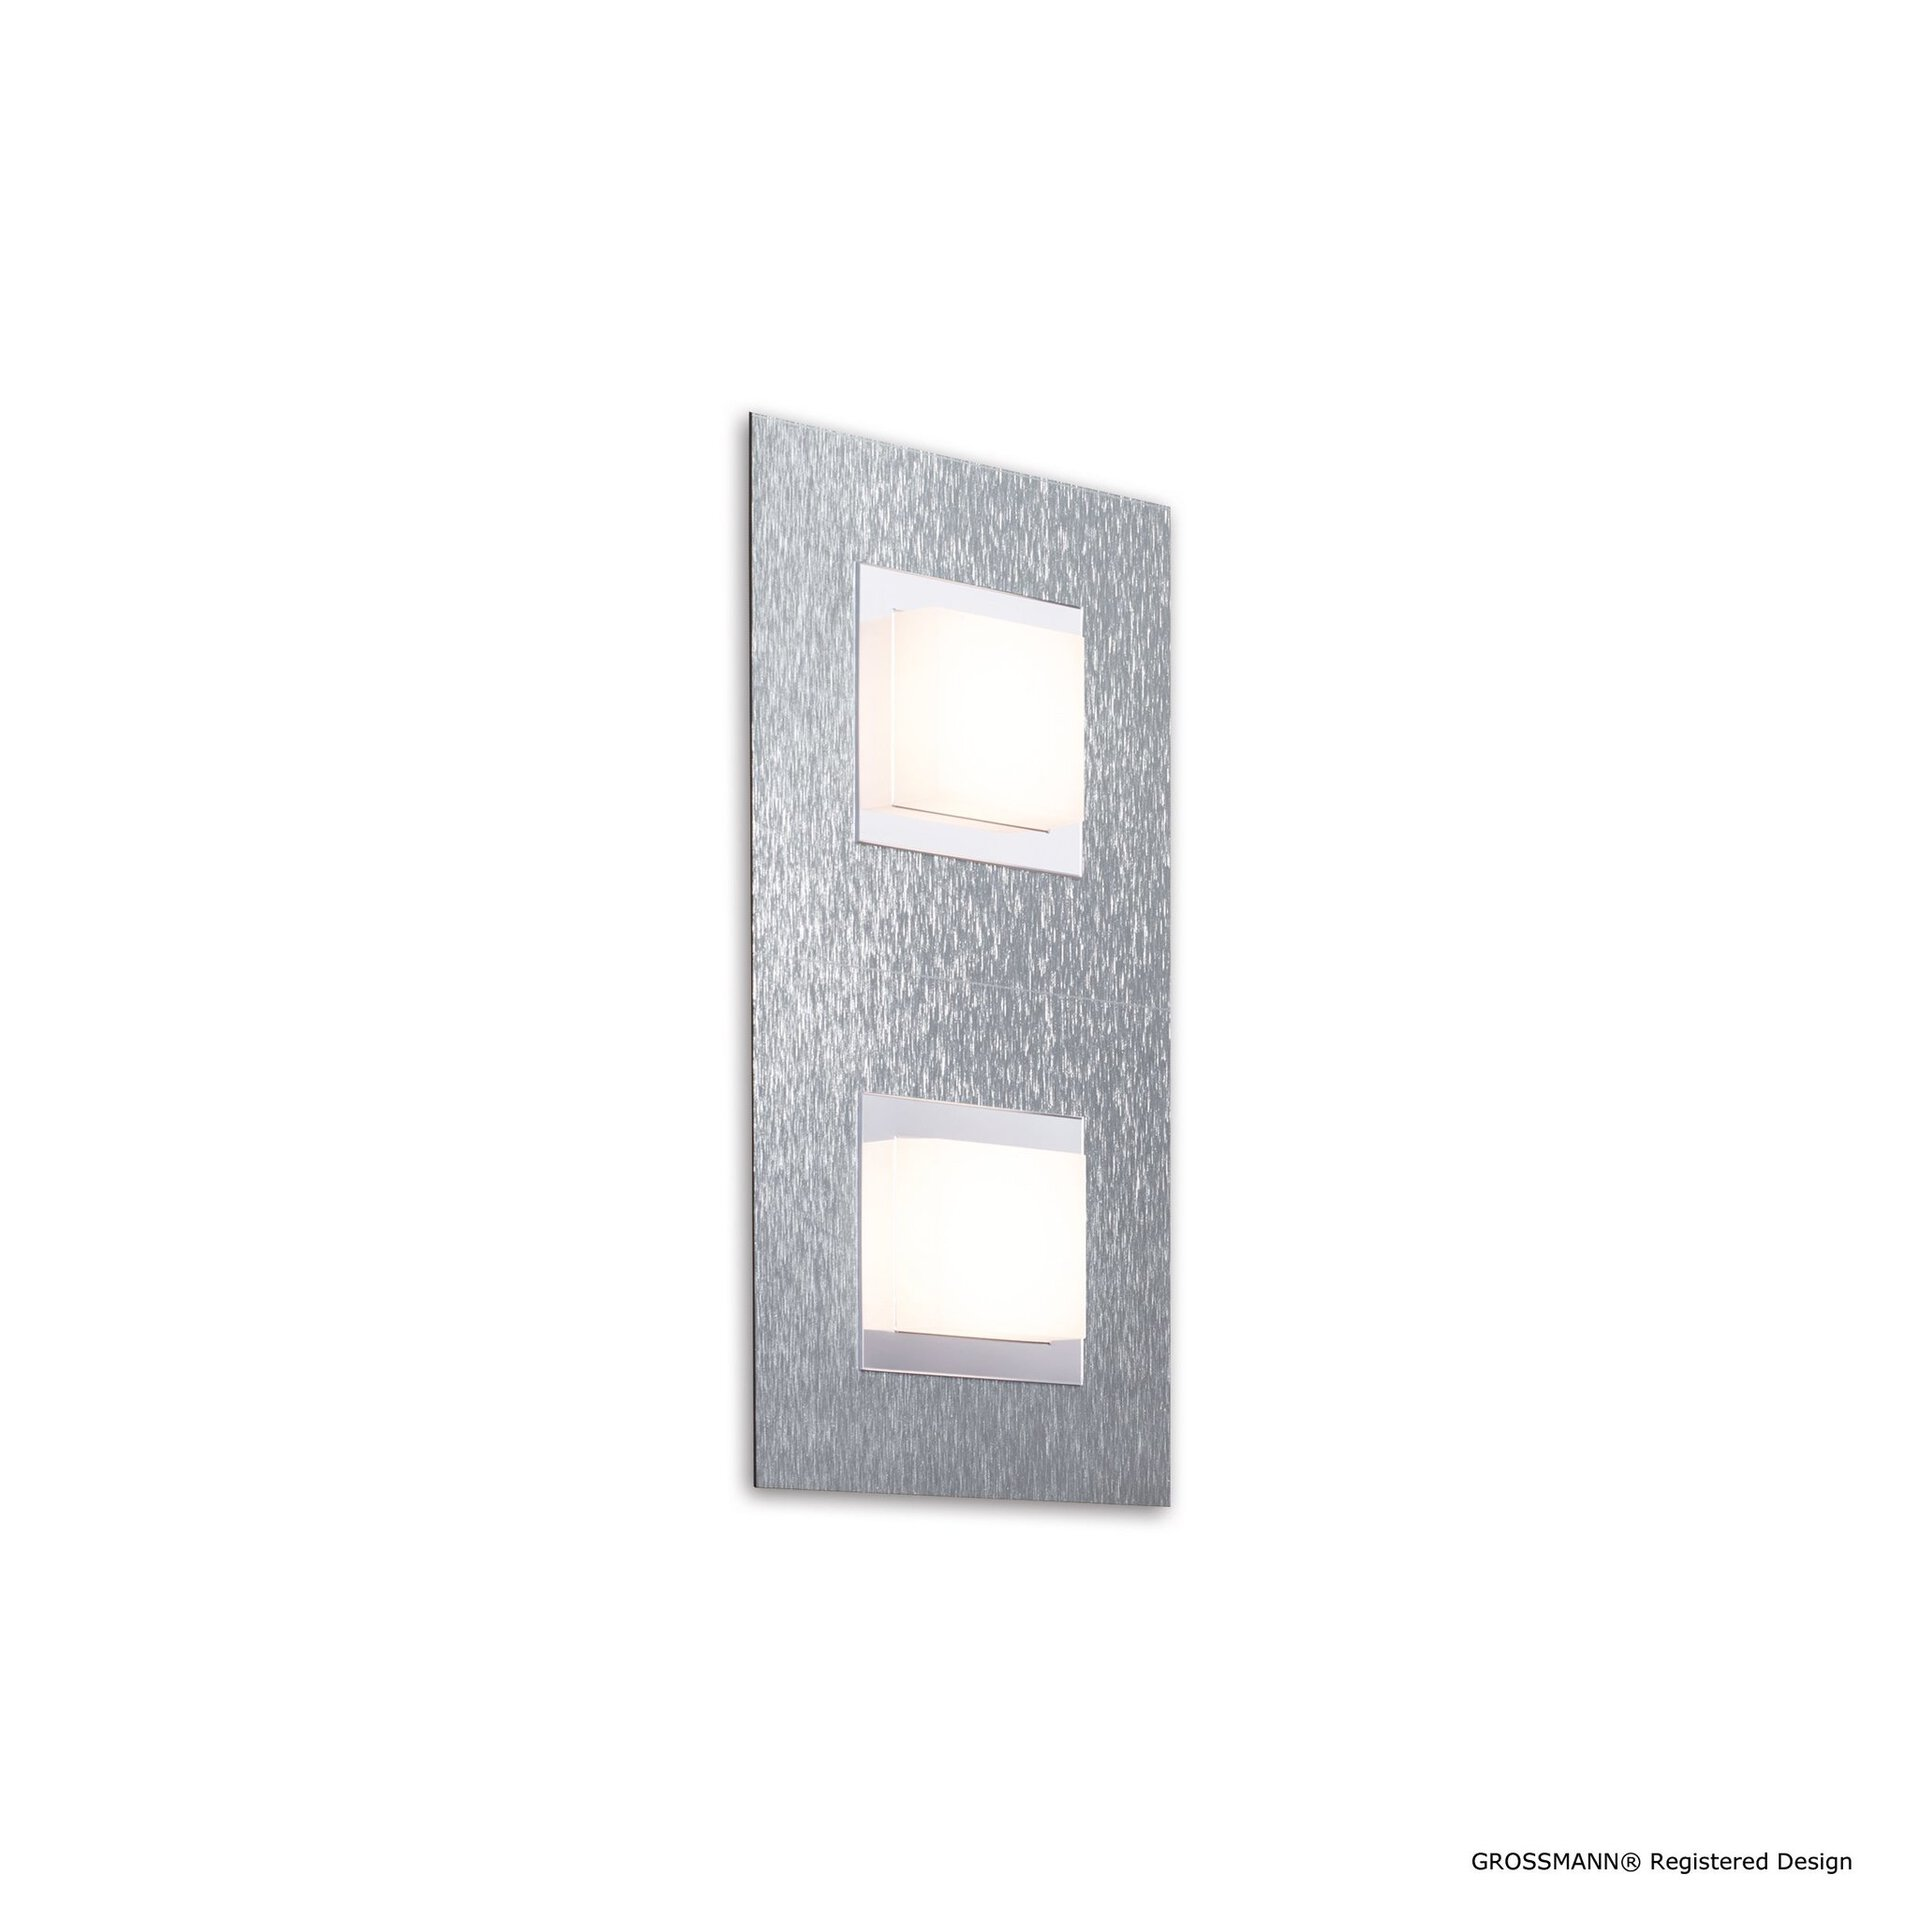 Wandleuchte basic Grossmann Metall silber 15 x 5 x 30 cm